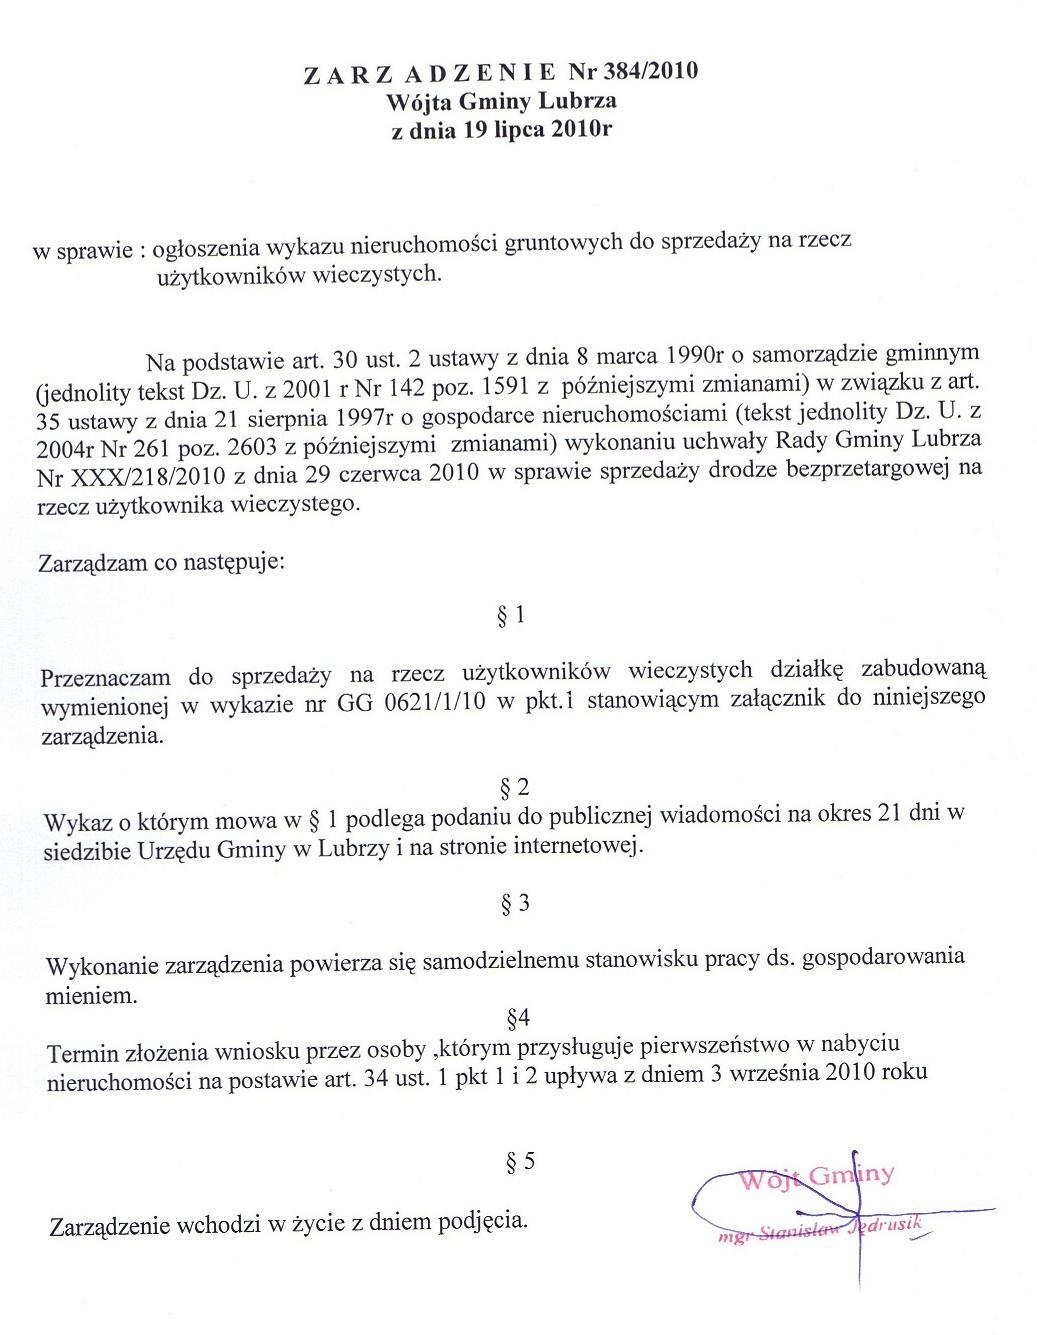 zarzadzenie  Nr 384-2010 w sprawie wykazu nieruchomości do sprzedaży.jpeg